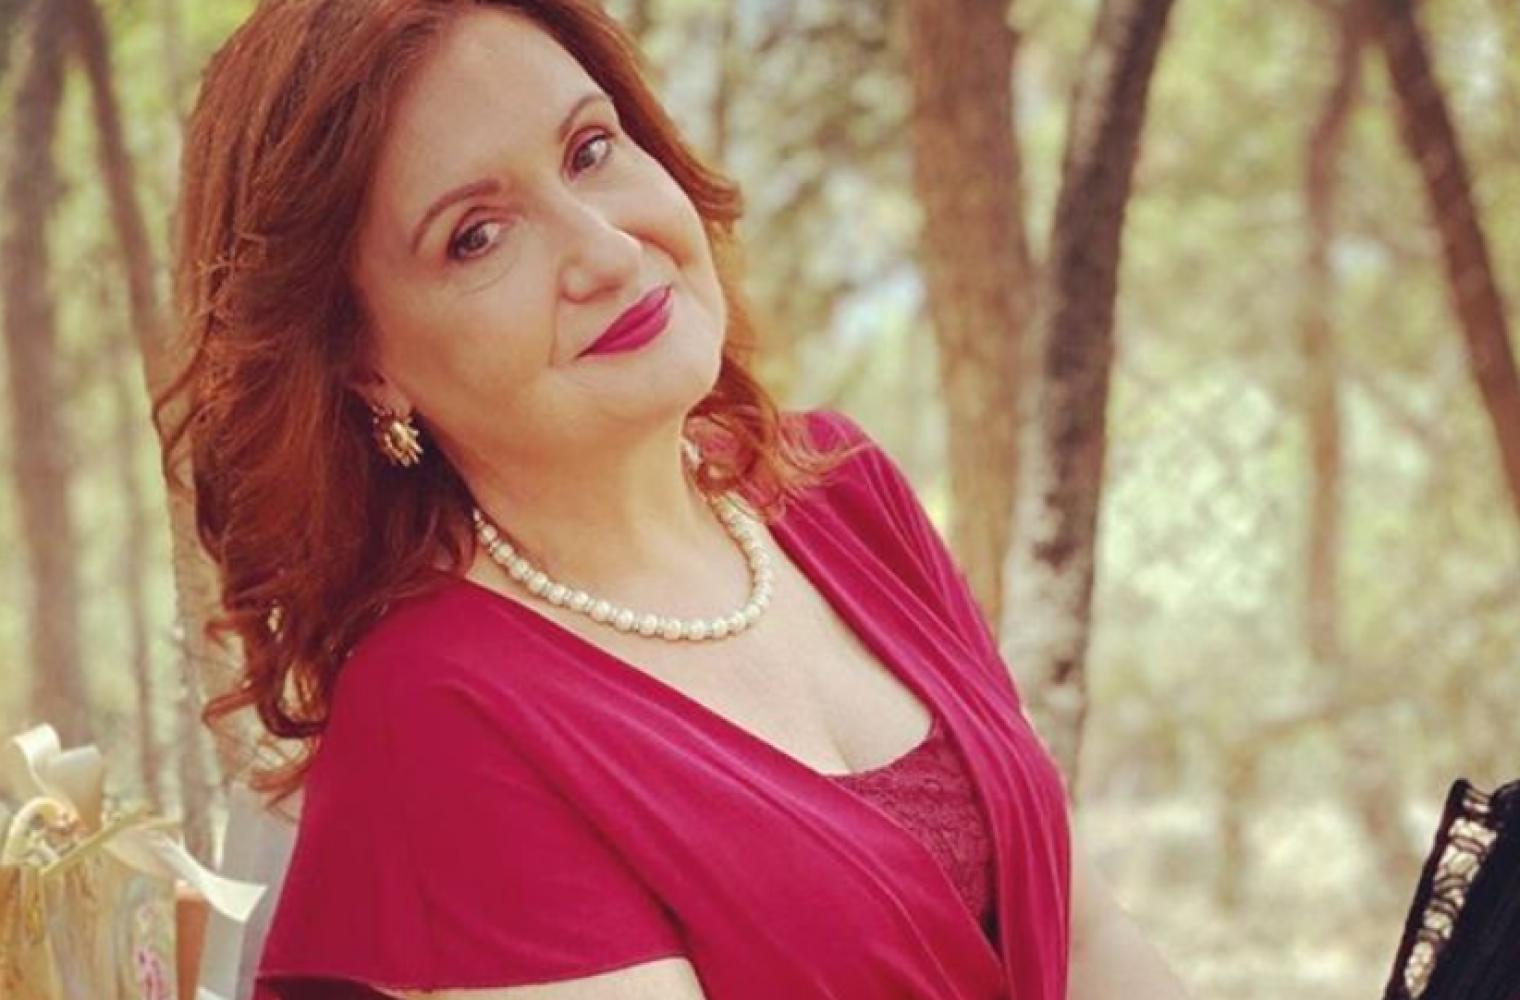 Φωτεινή Ντεμίρη: «Να σταματήσει αυτή η σαπίλα και η κατάχρηση εξουσίας»